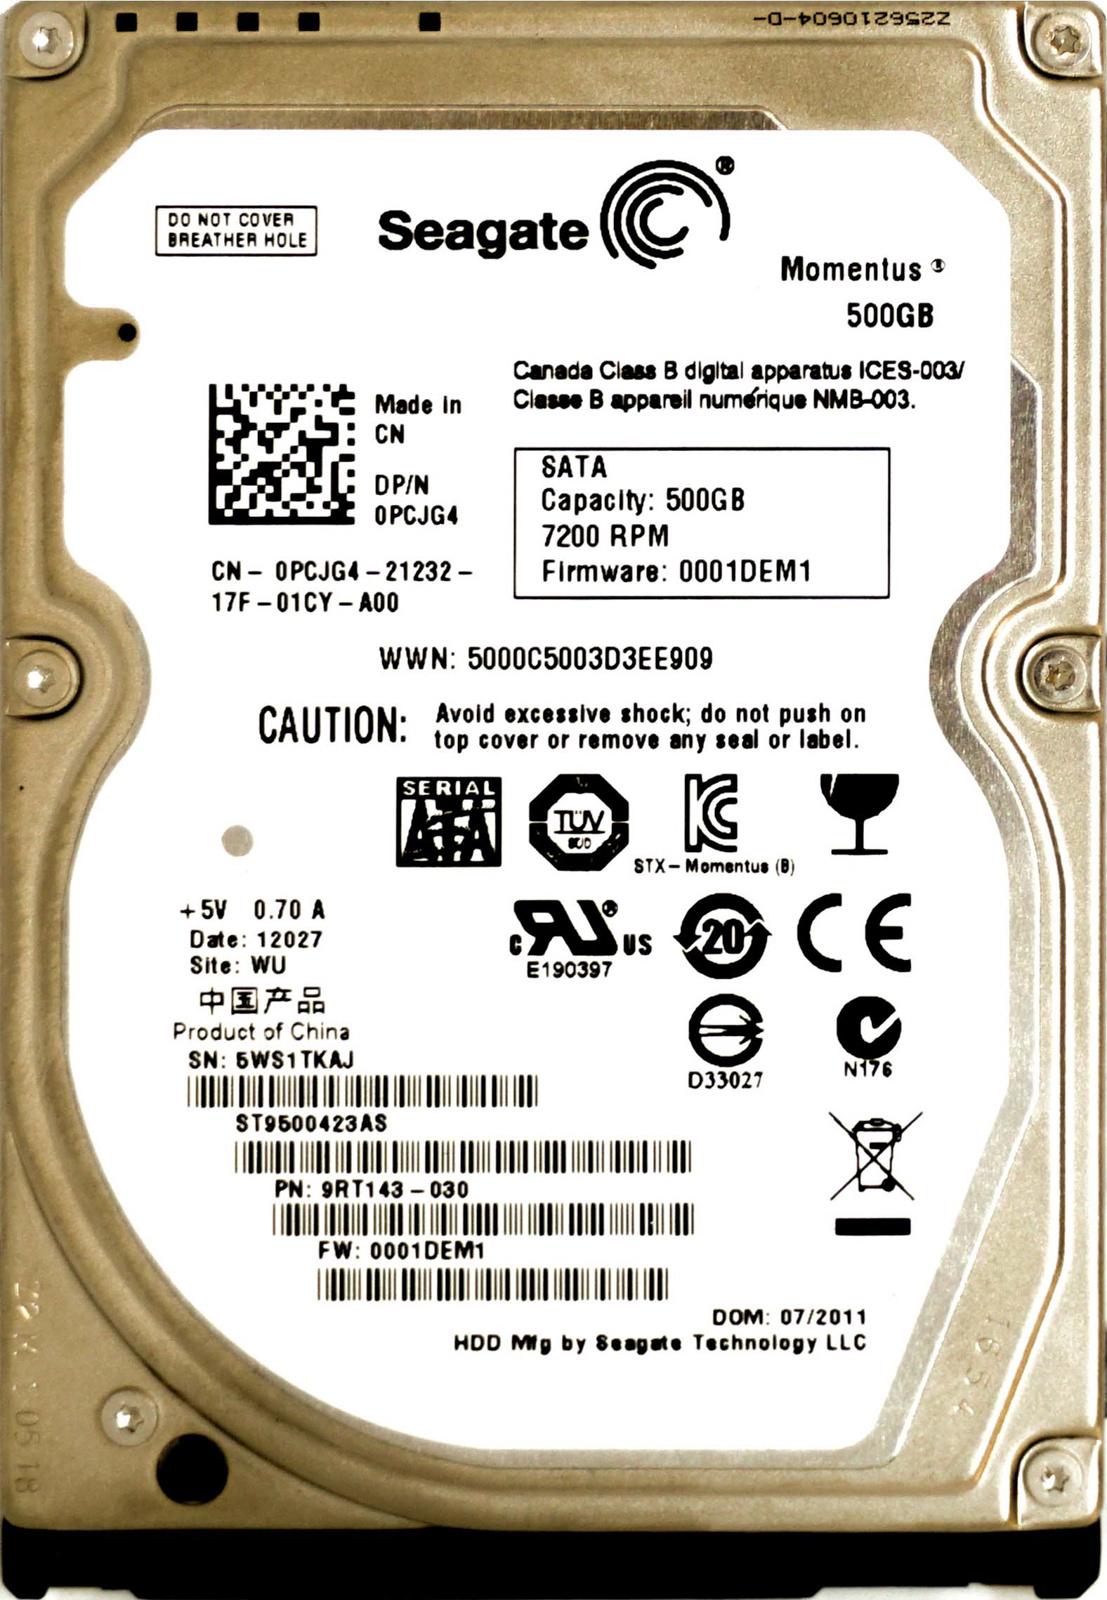 DELL OPTIPLEX 9010 SEAGATE ST9500423AS WINDOWS 7 64 DRIVER